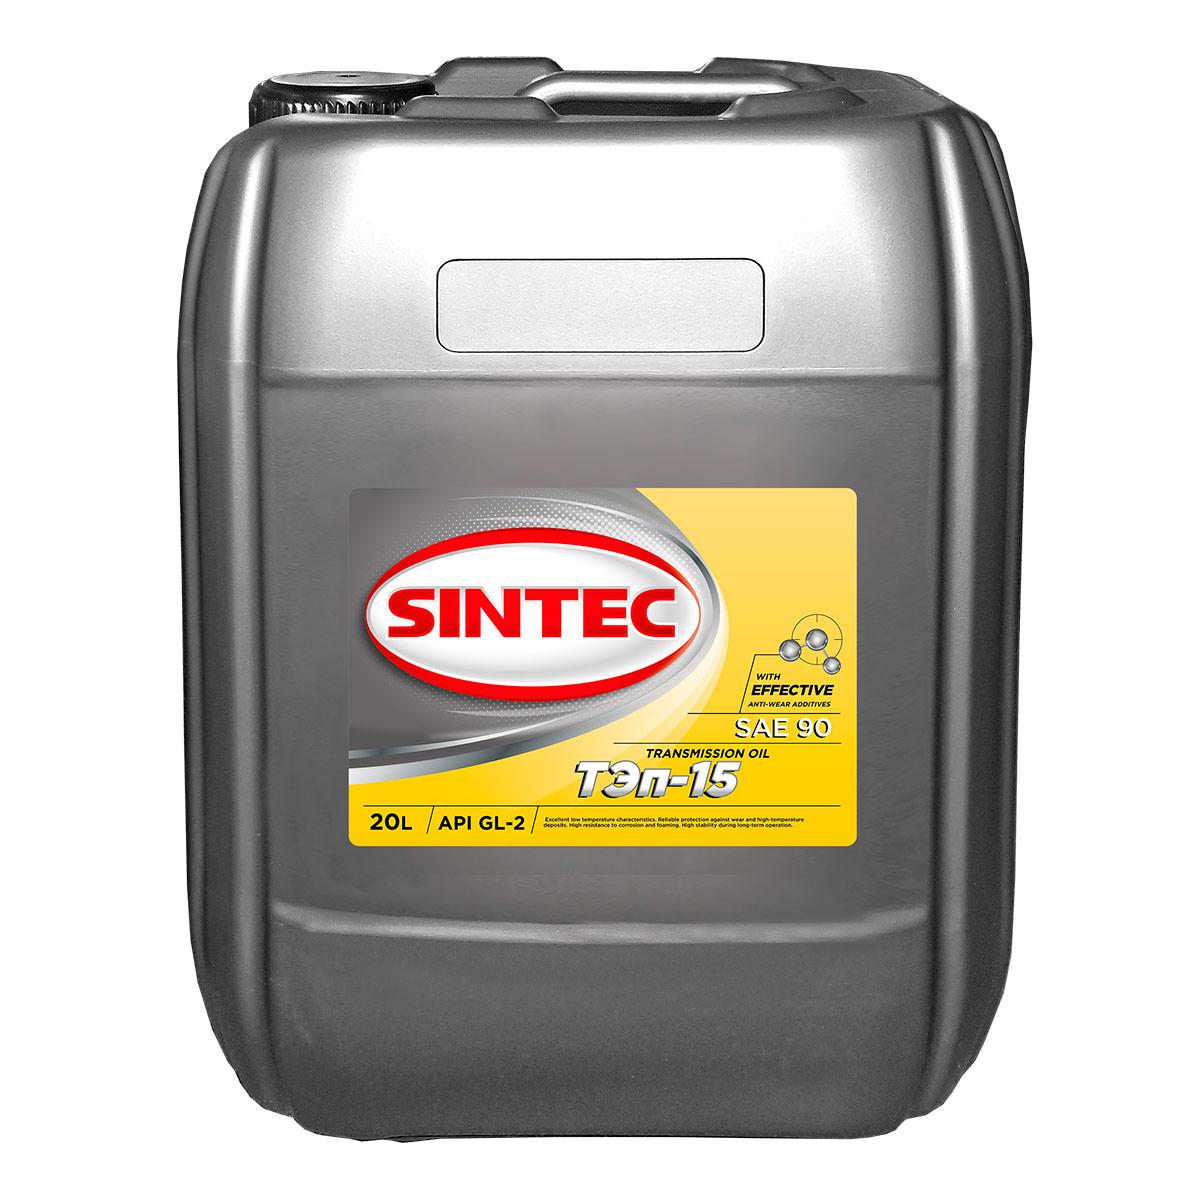 SINTEC ТЭП-15